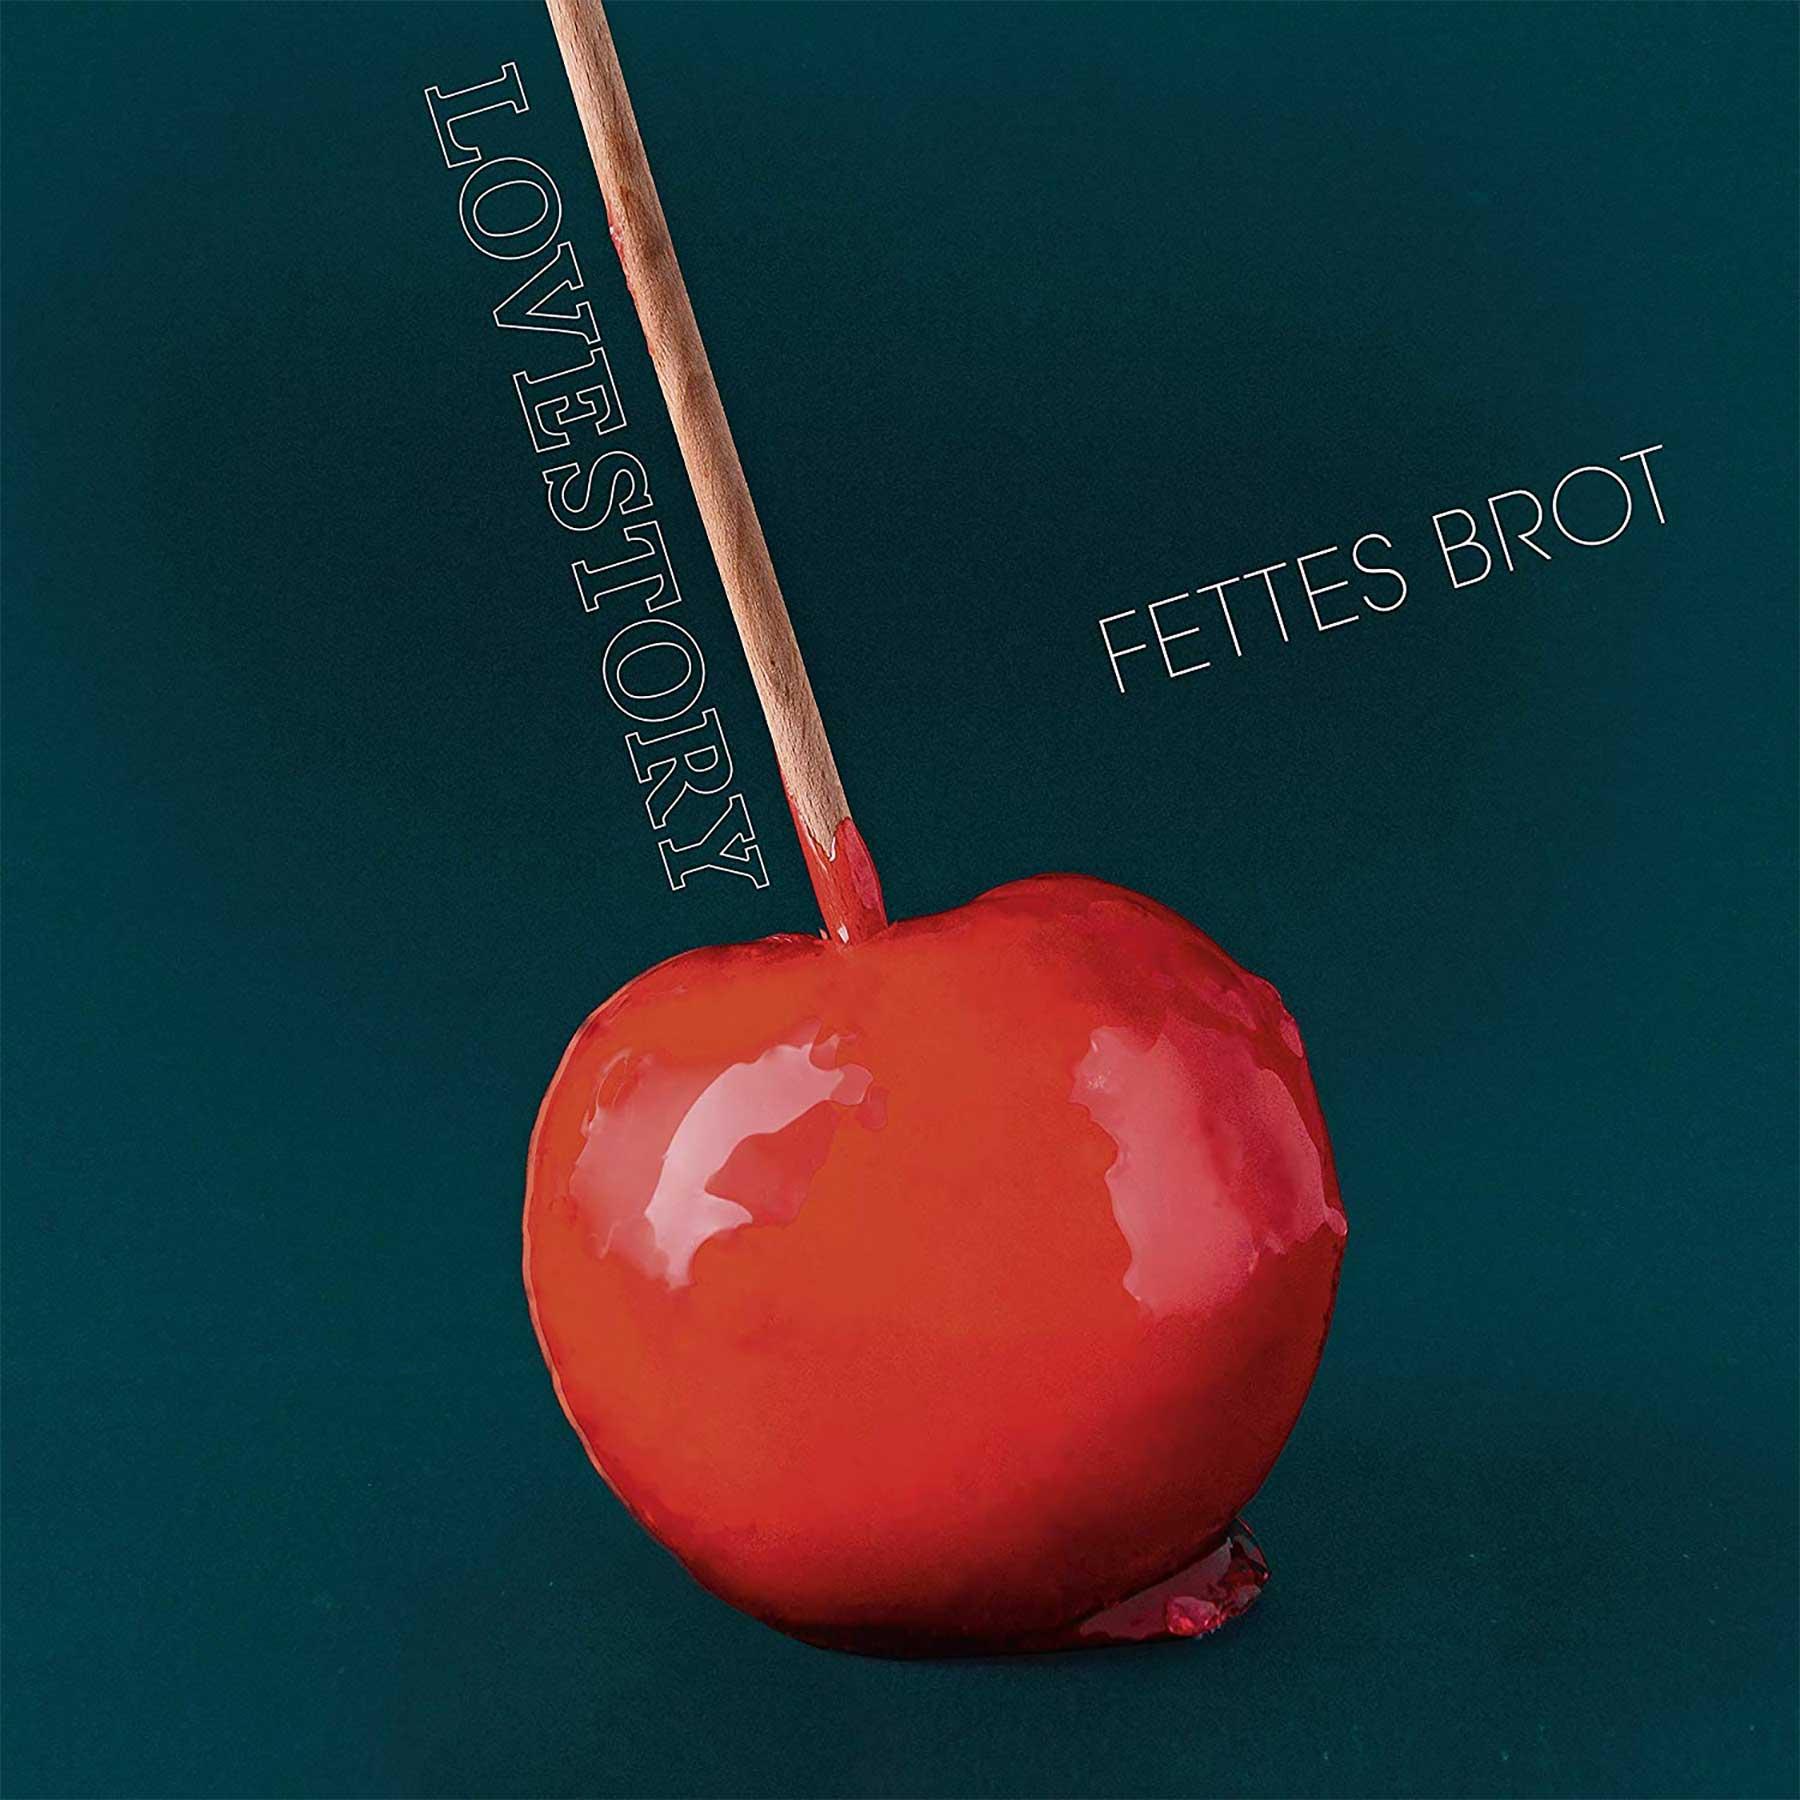 """Gewinnspiel: Fettes Brot """"Lovestory"""" (Limited Deluxe Box Set mit Doppel-Vinyl + CD) Fettes-Brot-Lovestory-Limited-deluxe-set-vinyl_03"""